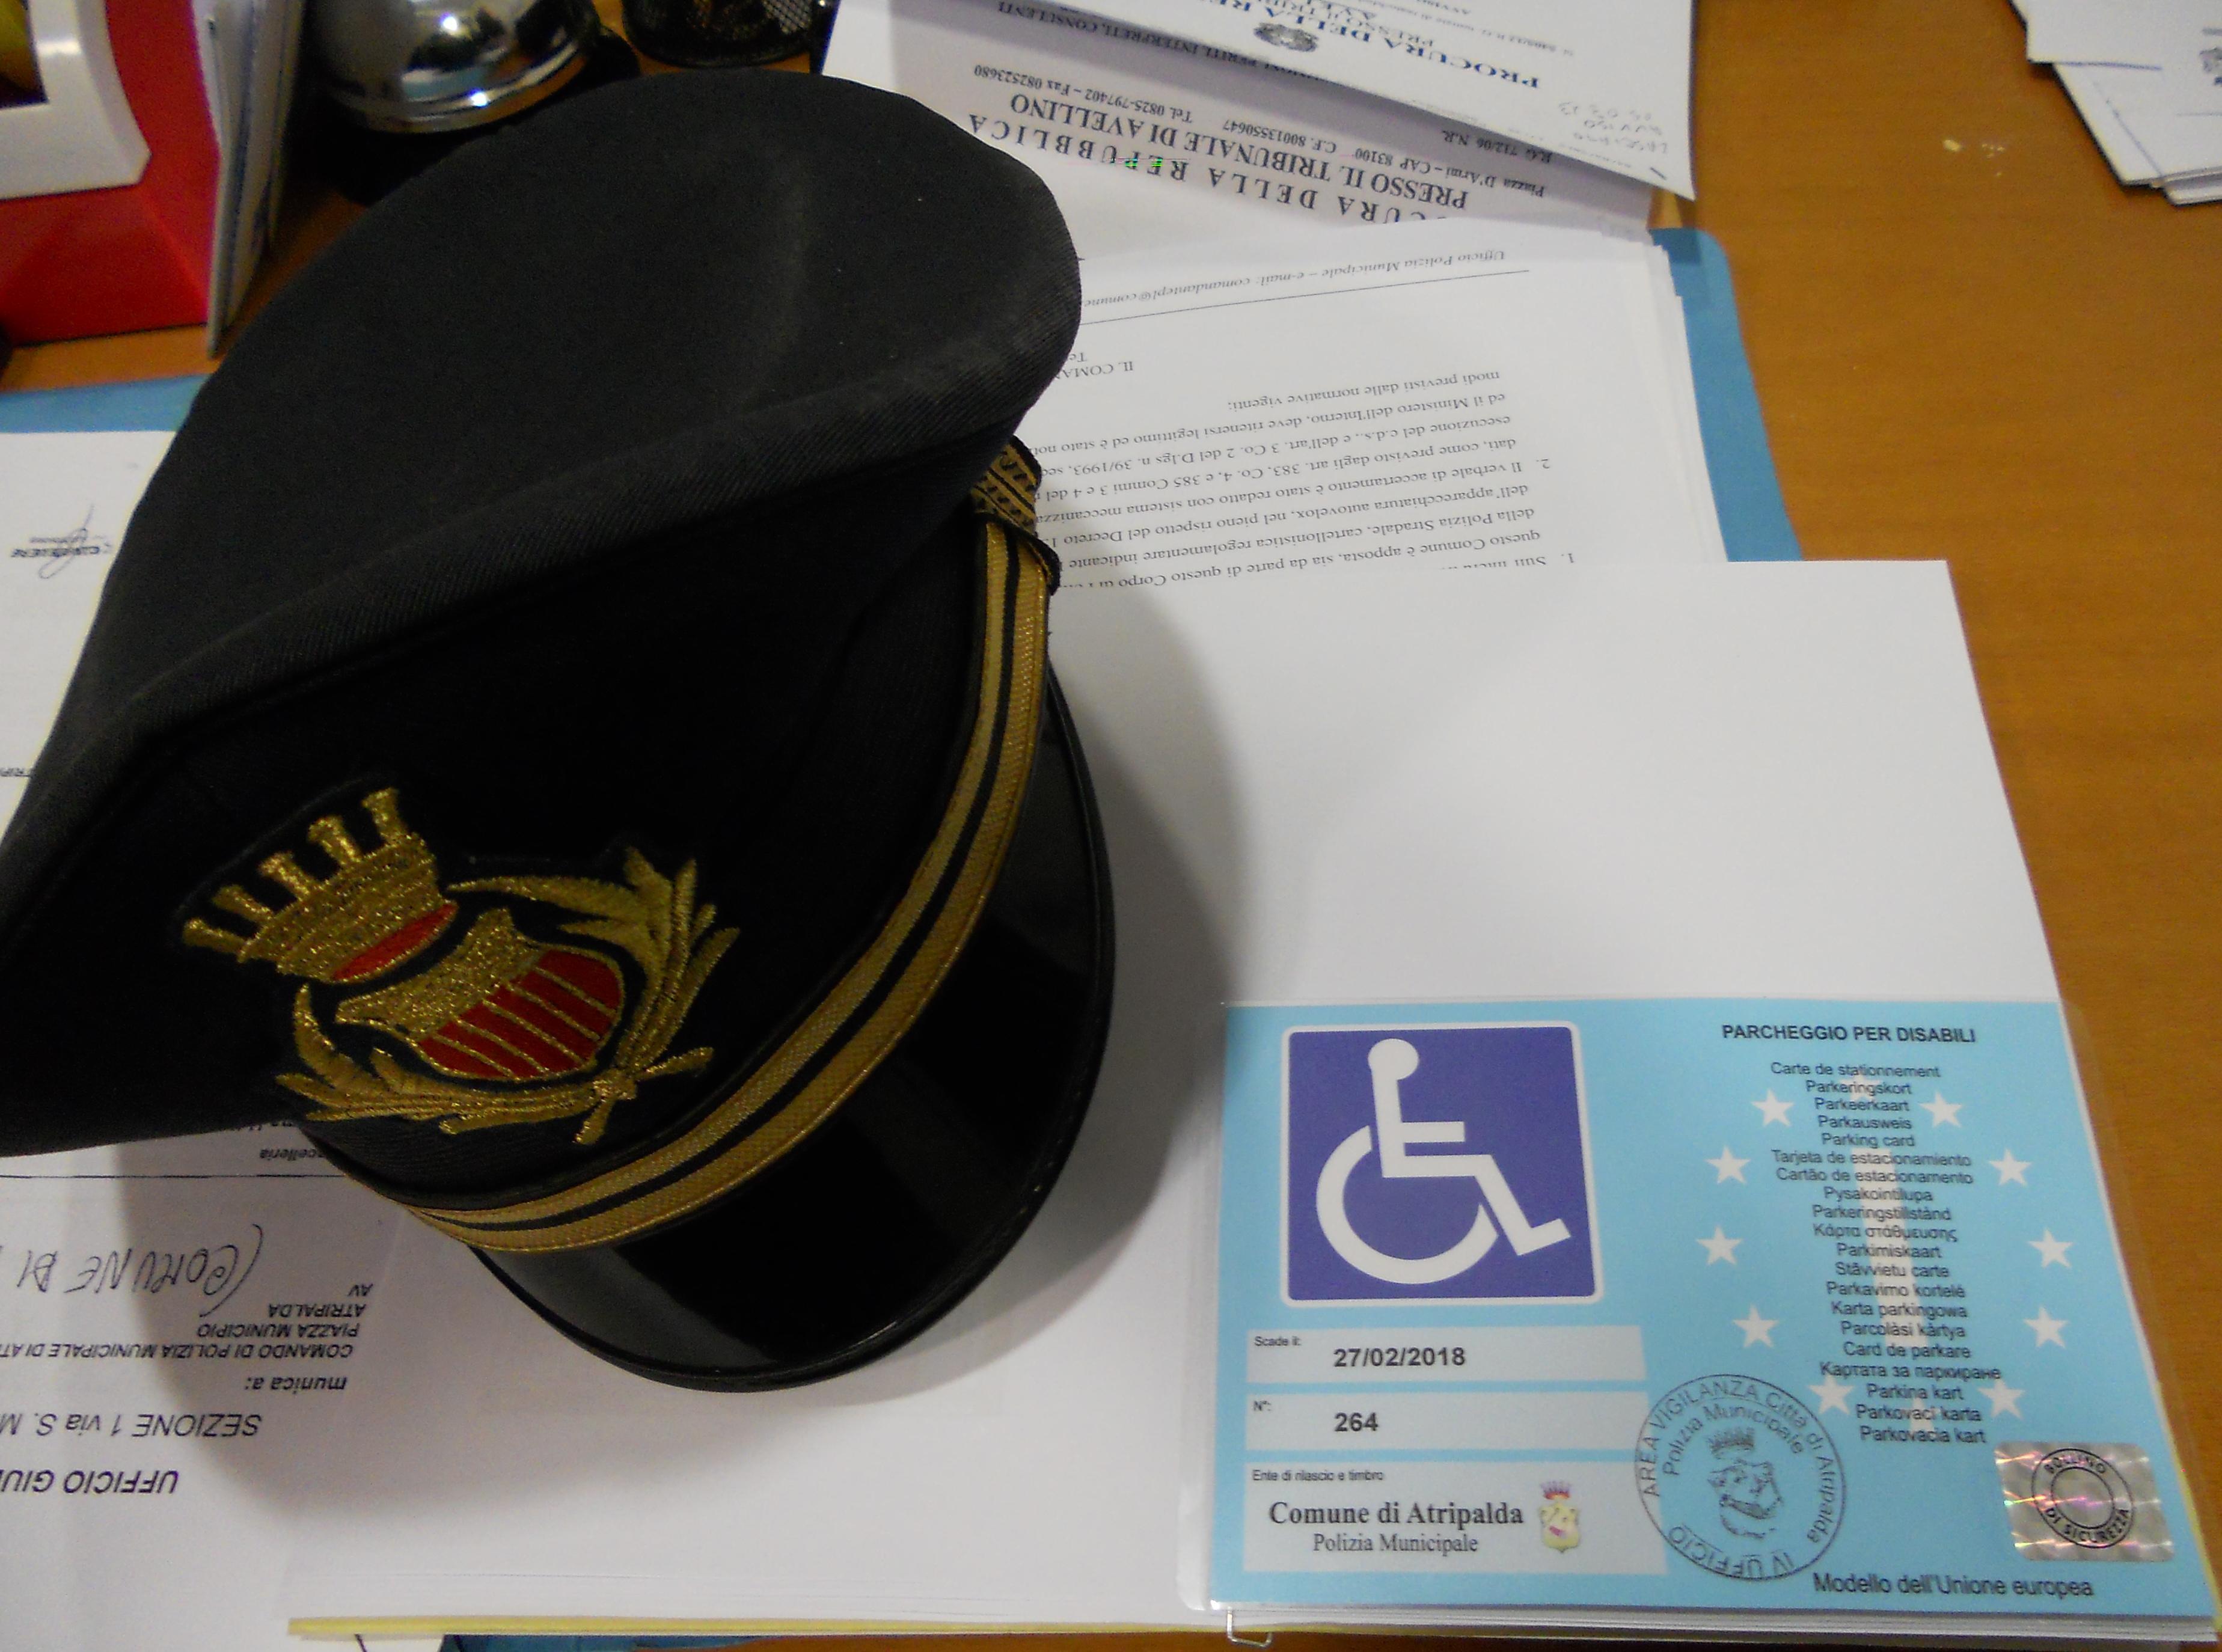 disabile-pass-multa-scolorito